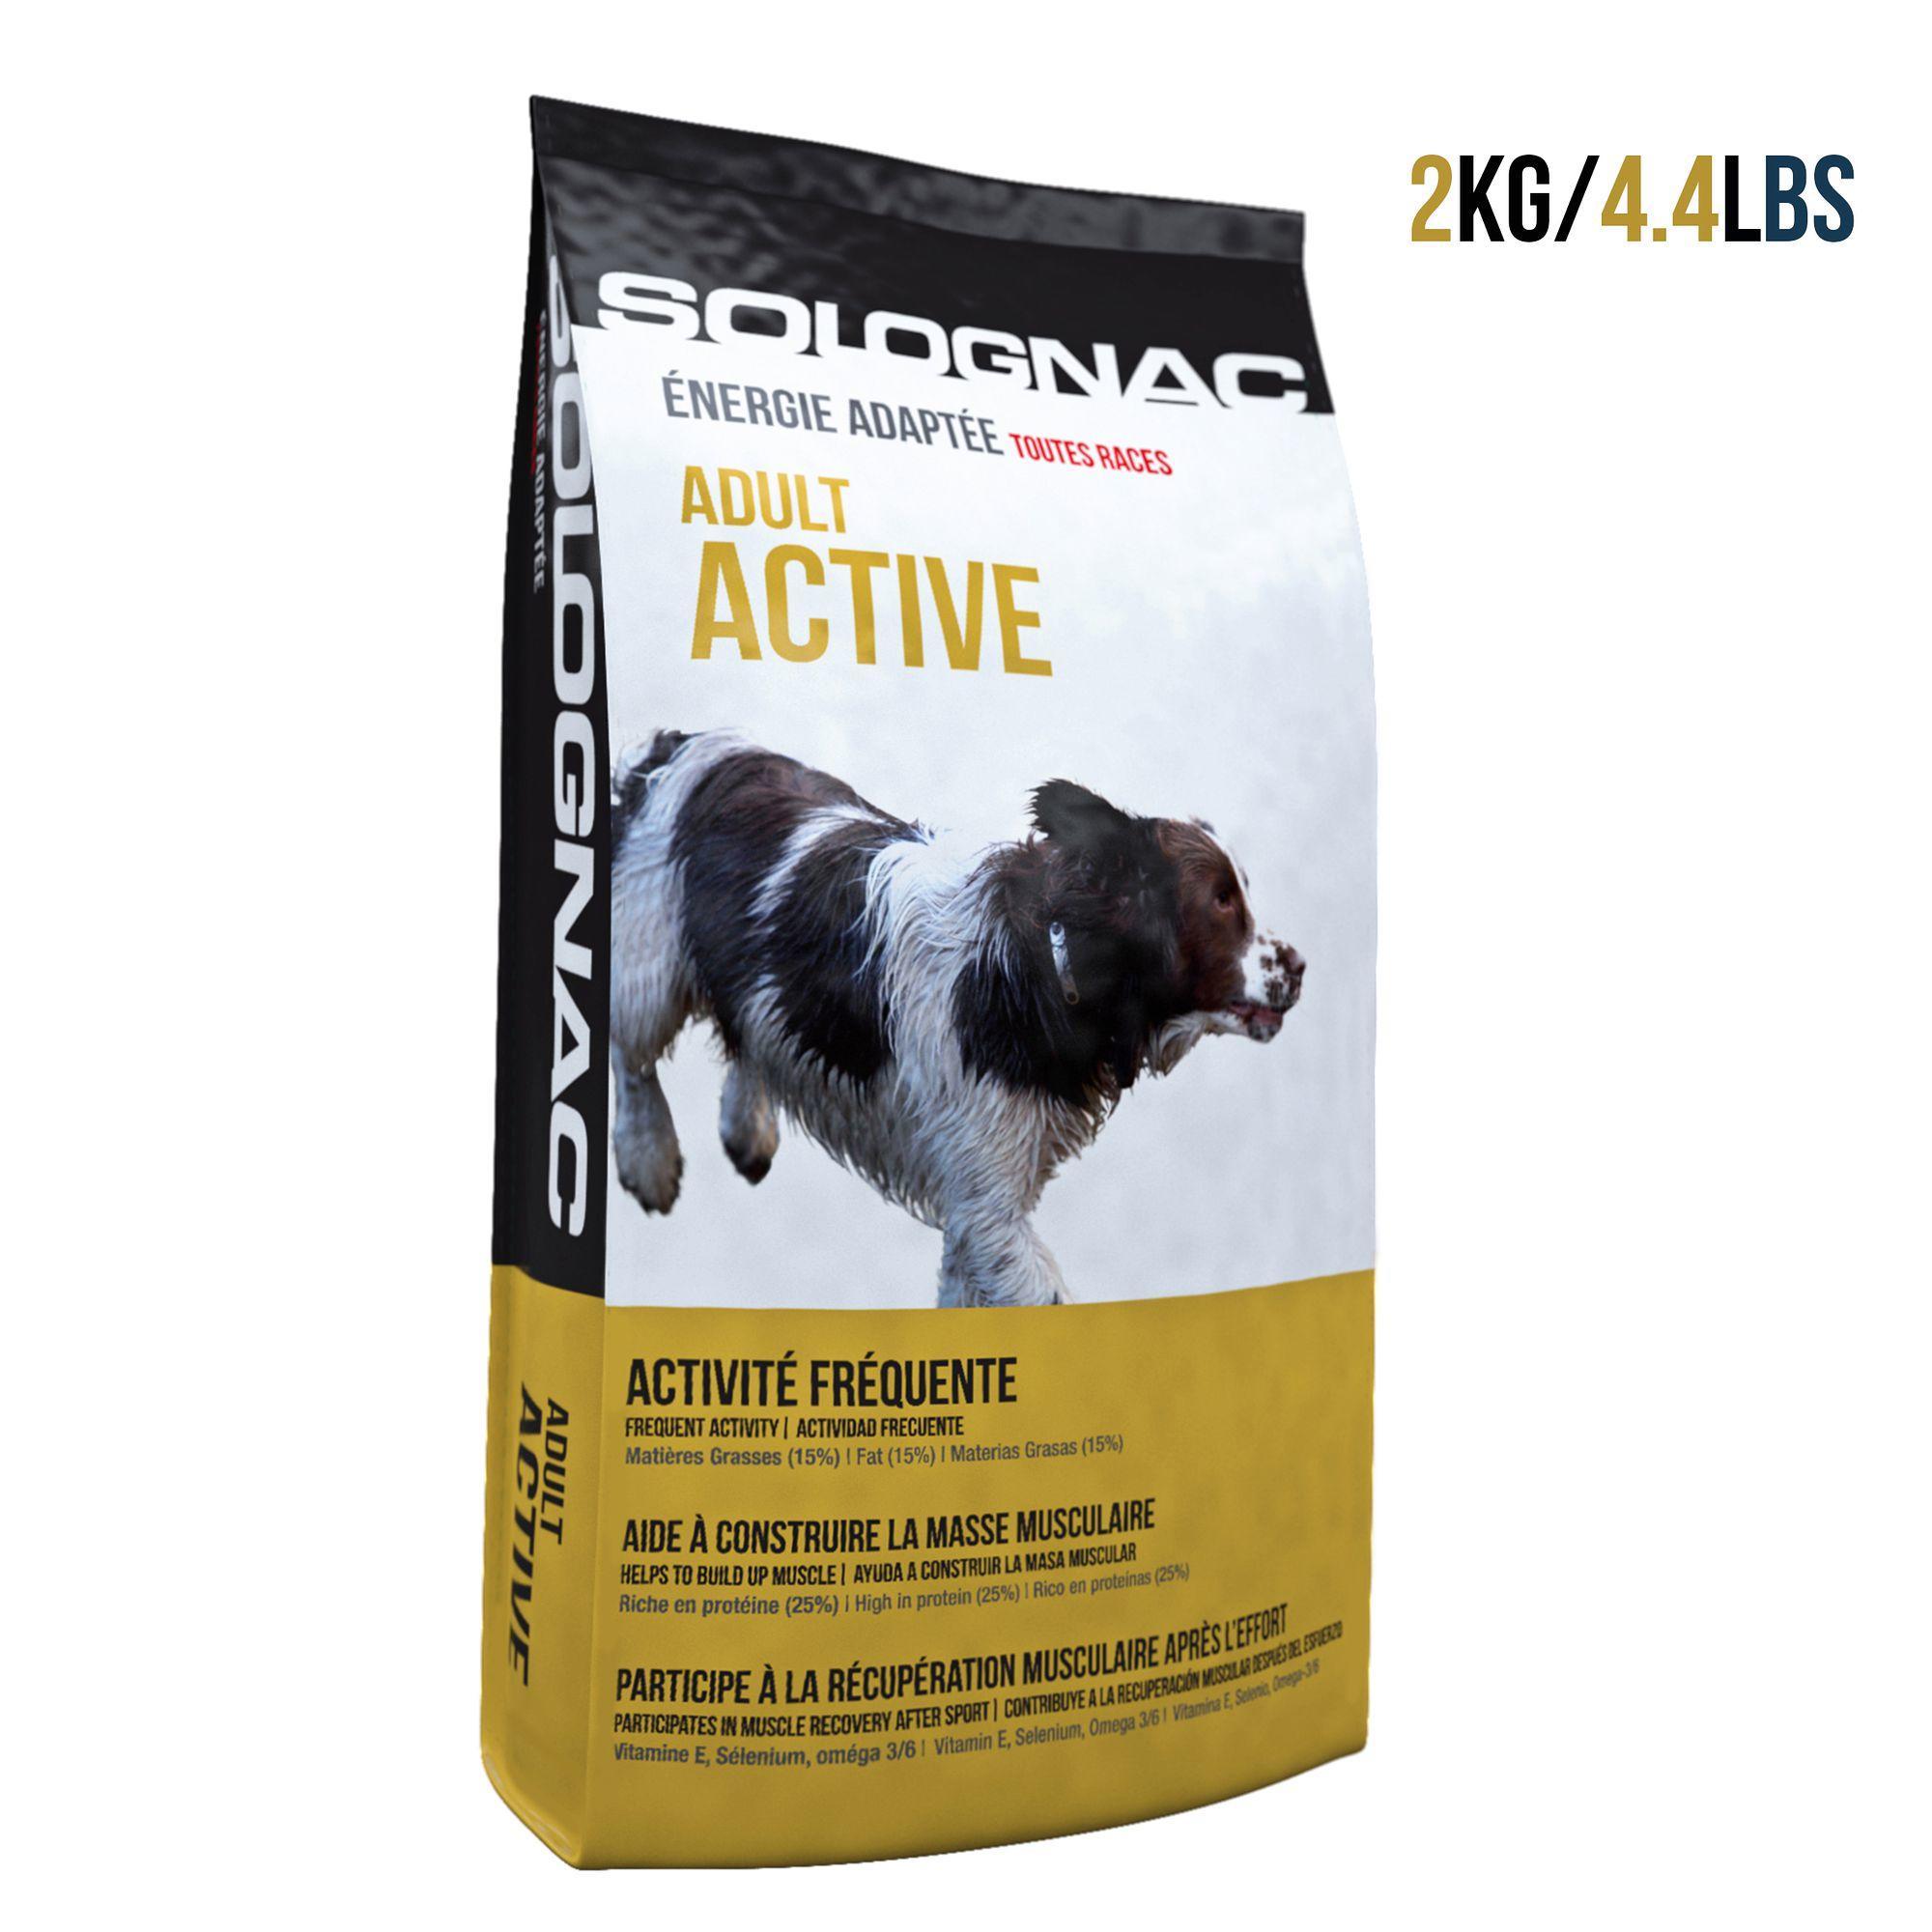 Solognac Hondenvoer Adult Active 12 kg